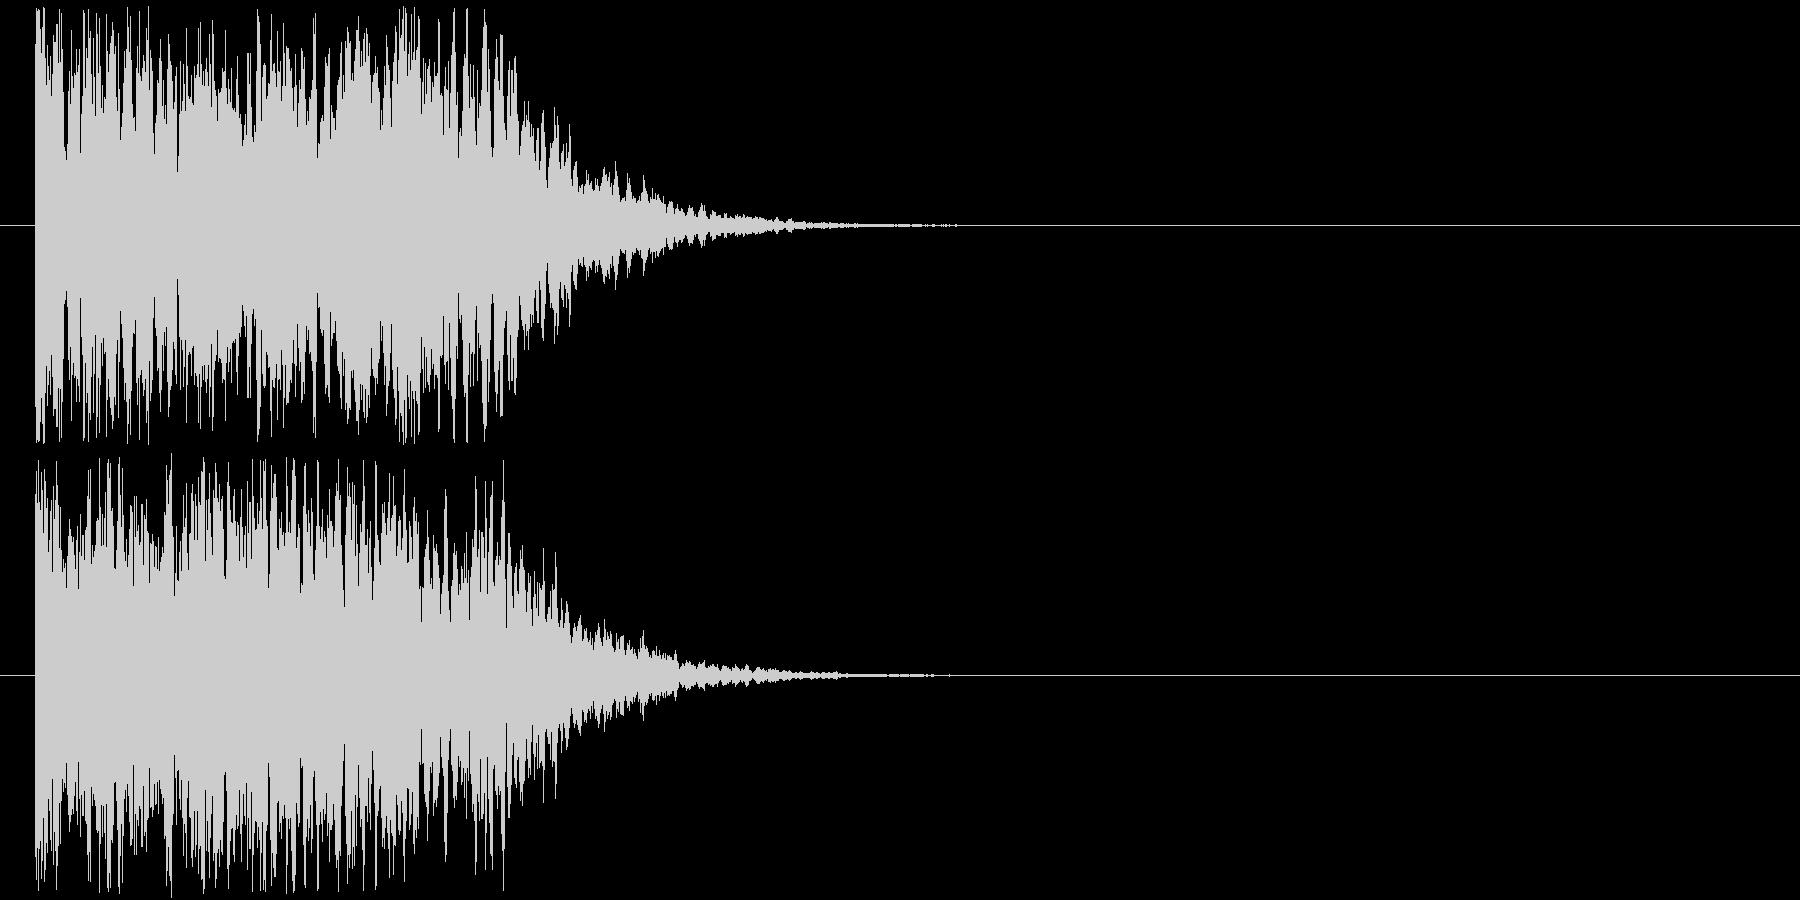 カキーンなインパクトSEの未再生の波形